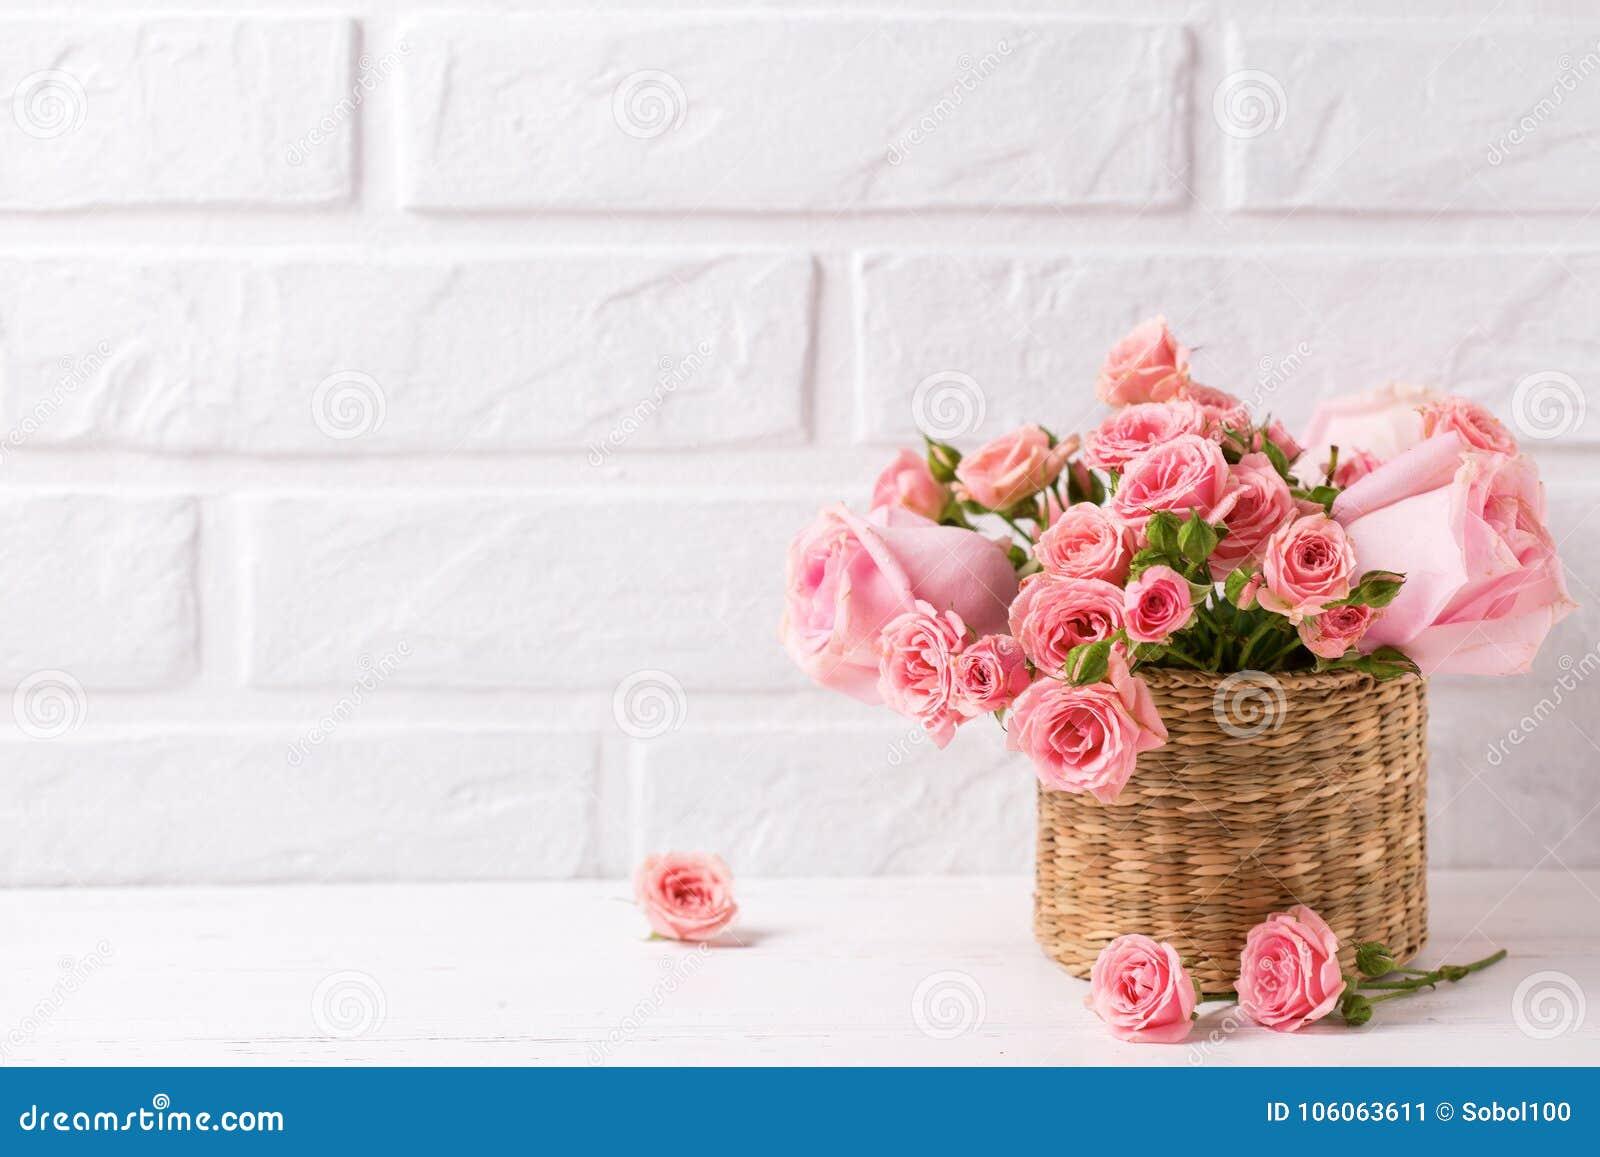 Achtergrond met roze rozenbloemen tegen witte bakstenen muur